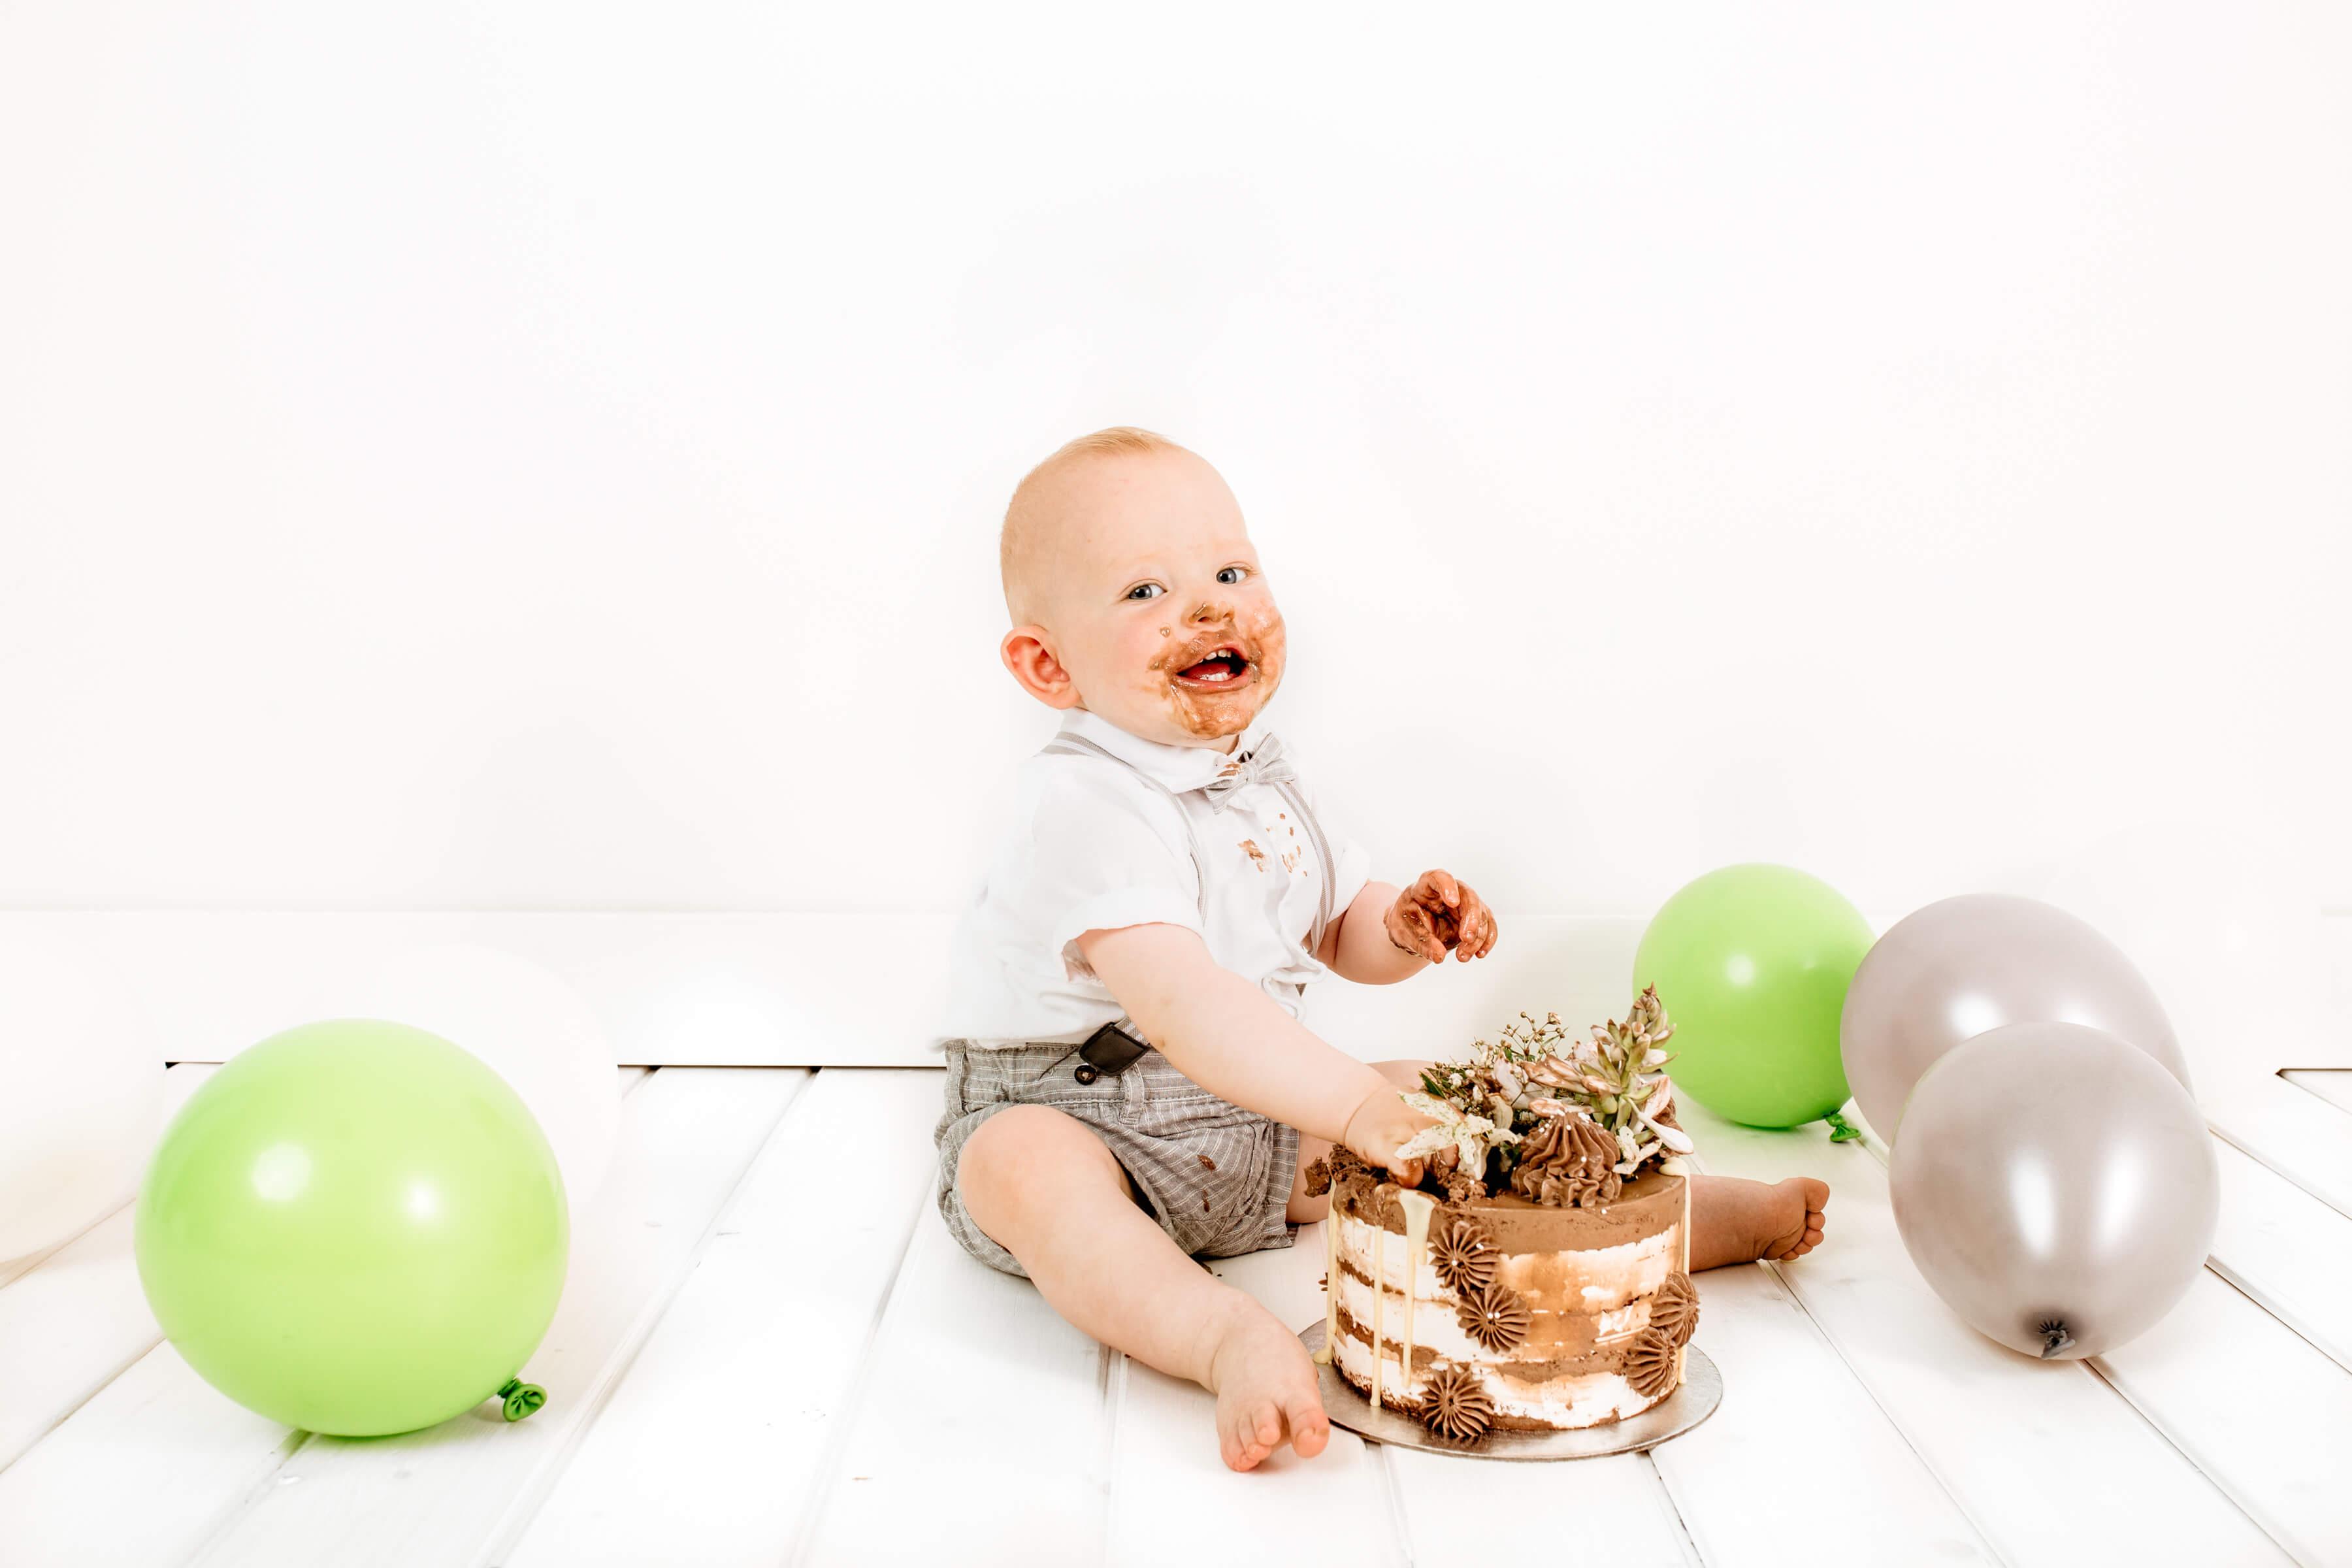 Cake-smash-fotografiranje-Luanina-pravljica-fotografiranje-nosecnic-novorojenckov-druzin-malckov-2